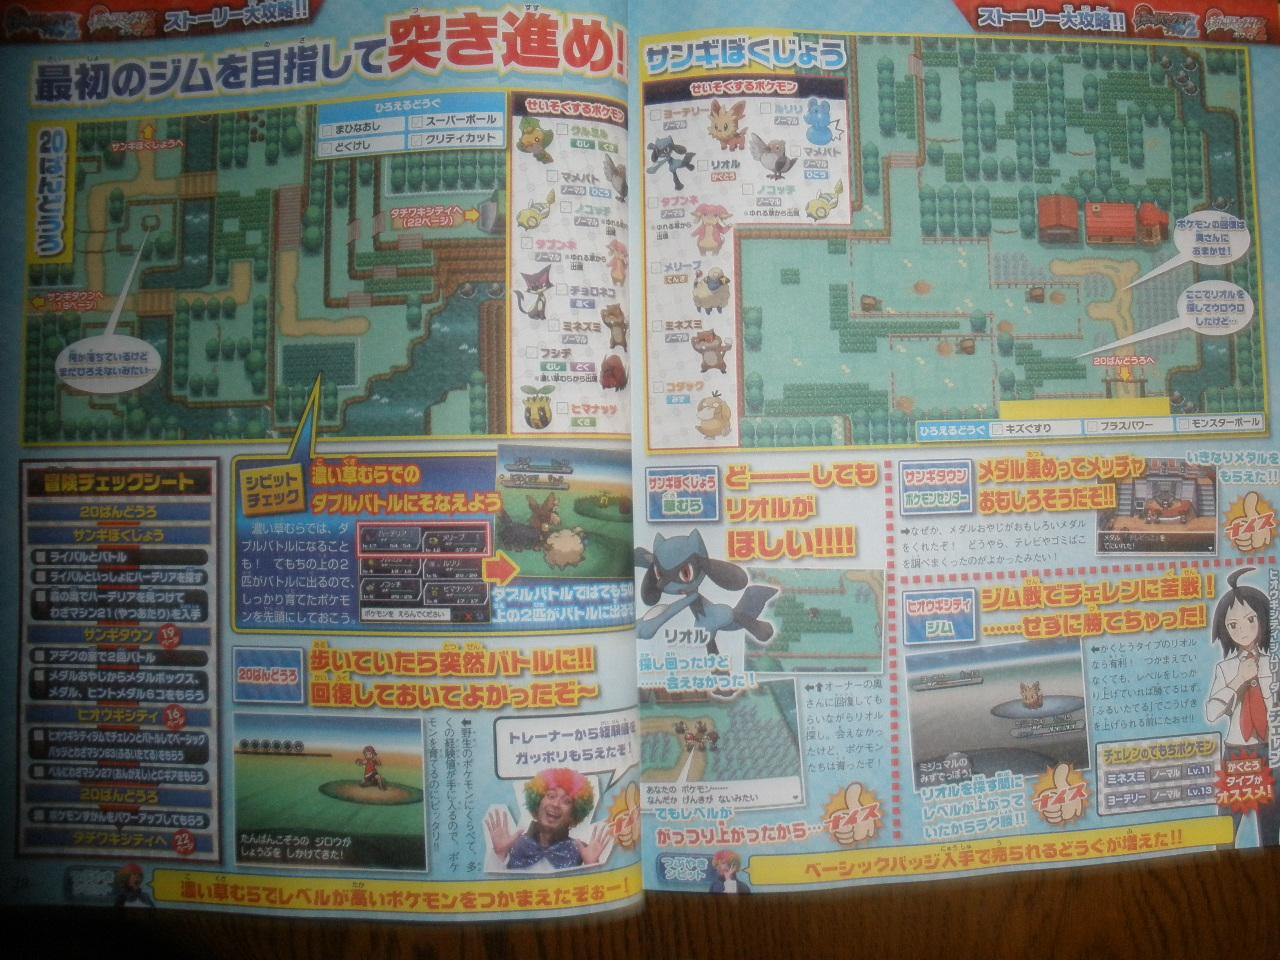 Pokemon Black & White 2 [DS] - Page 38 - Video Games - SSMB